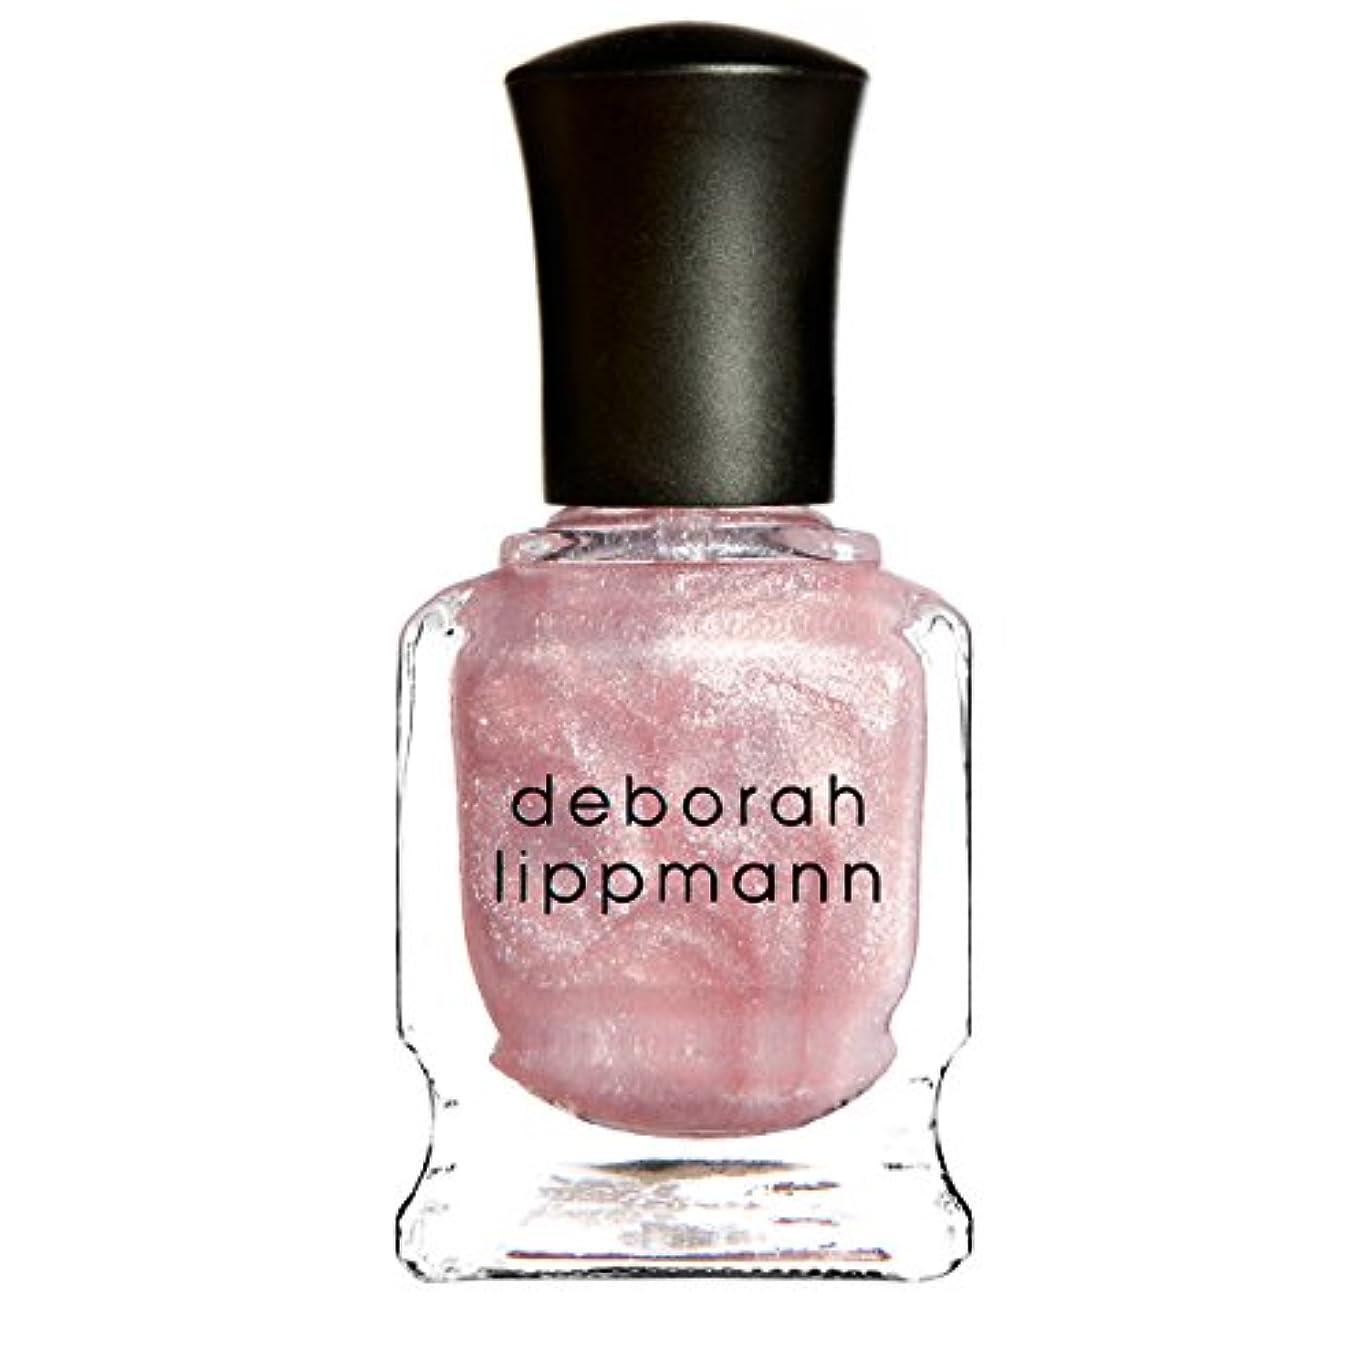 ふざけたシャトル同化する[Deborah Lippmann] デボラリップマン ポリッシュ ピンク系 15mL (ホワットエバー ローラ ウォンツ)